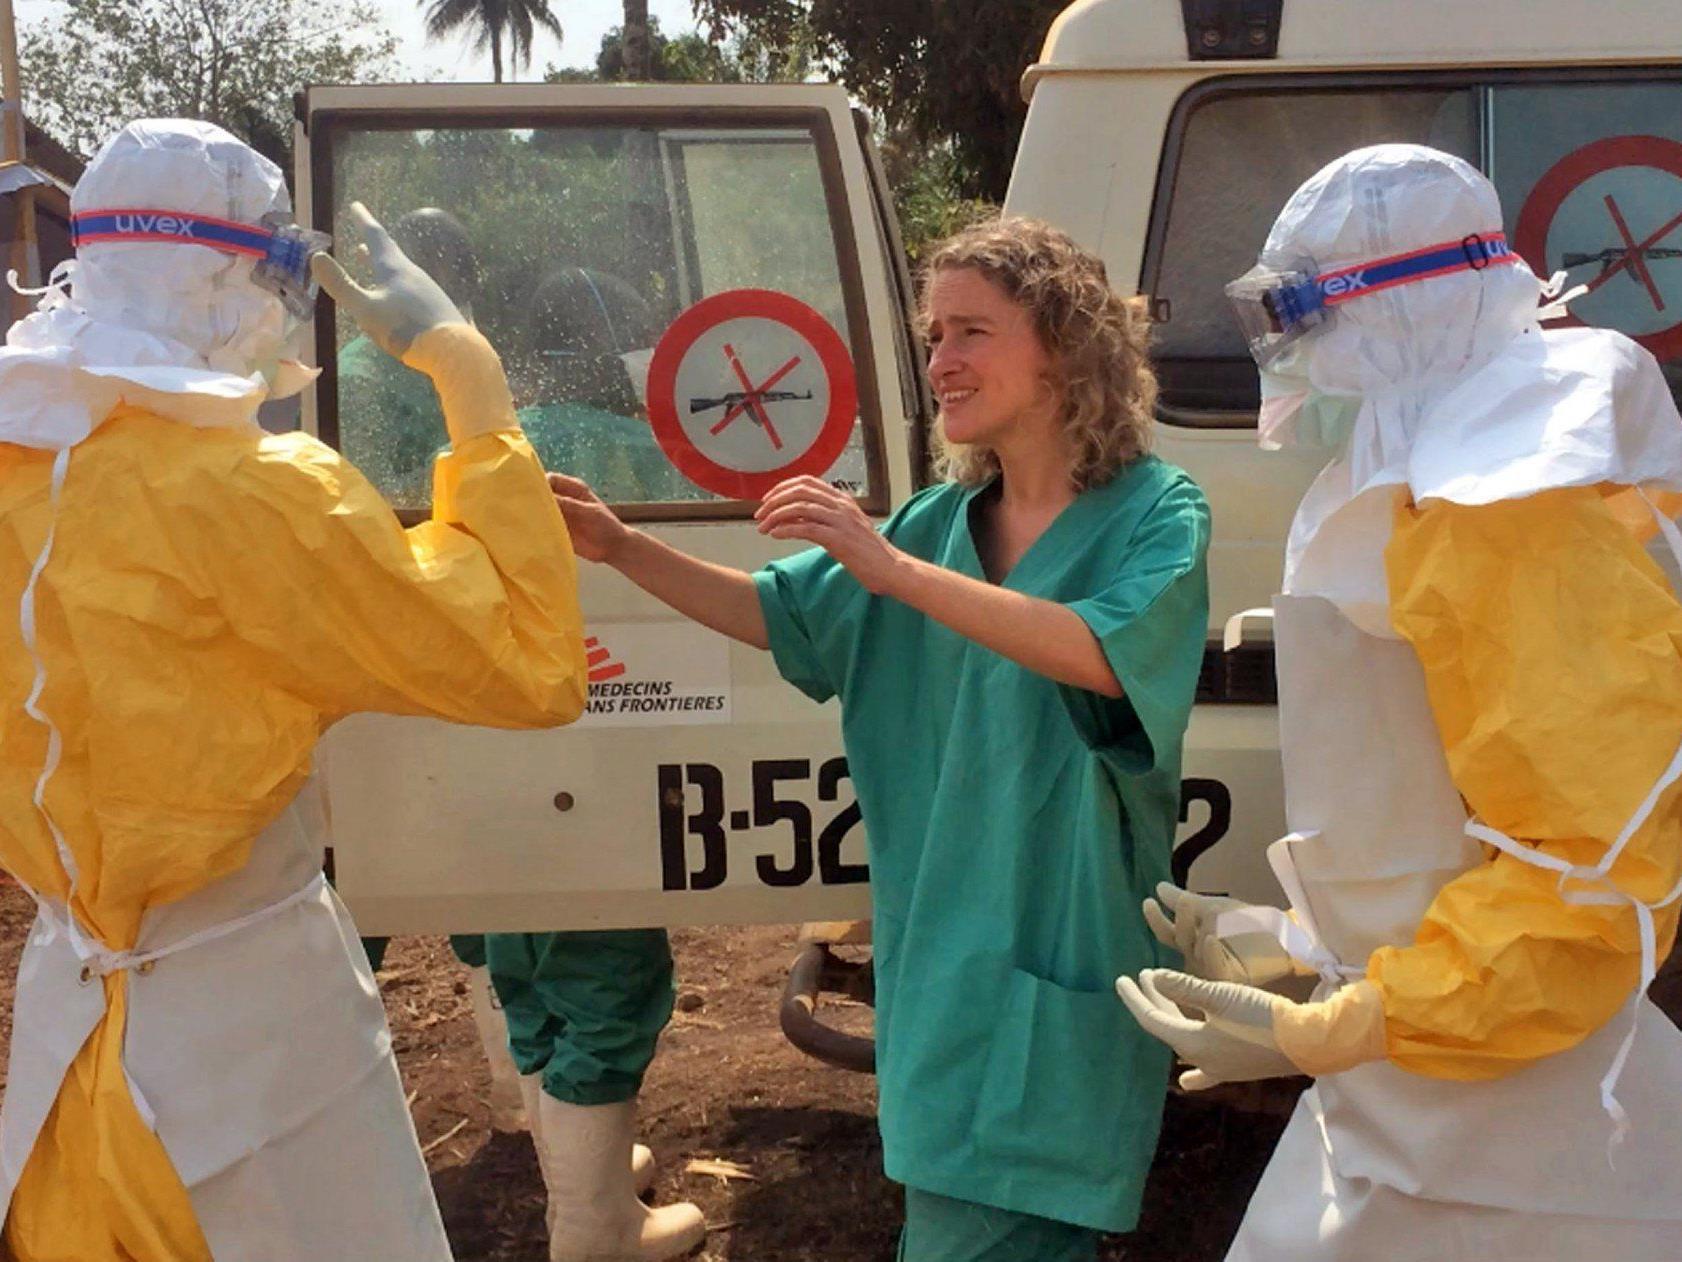 Die Zahl der Ebola-Toten in Guinea ist auf 83 gestiegen.